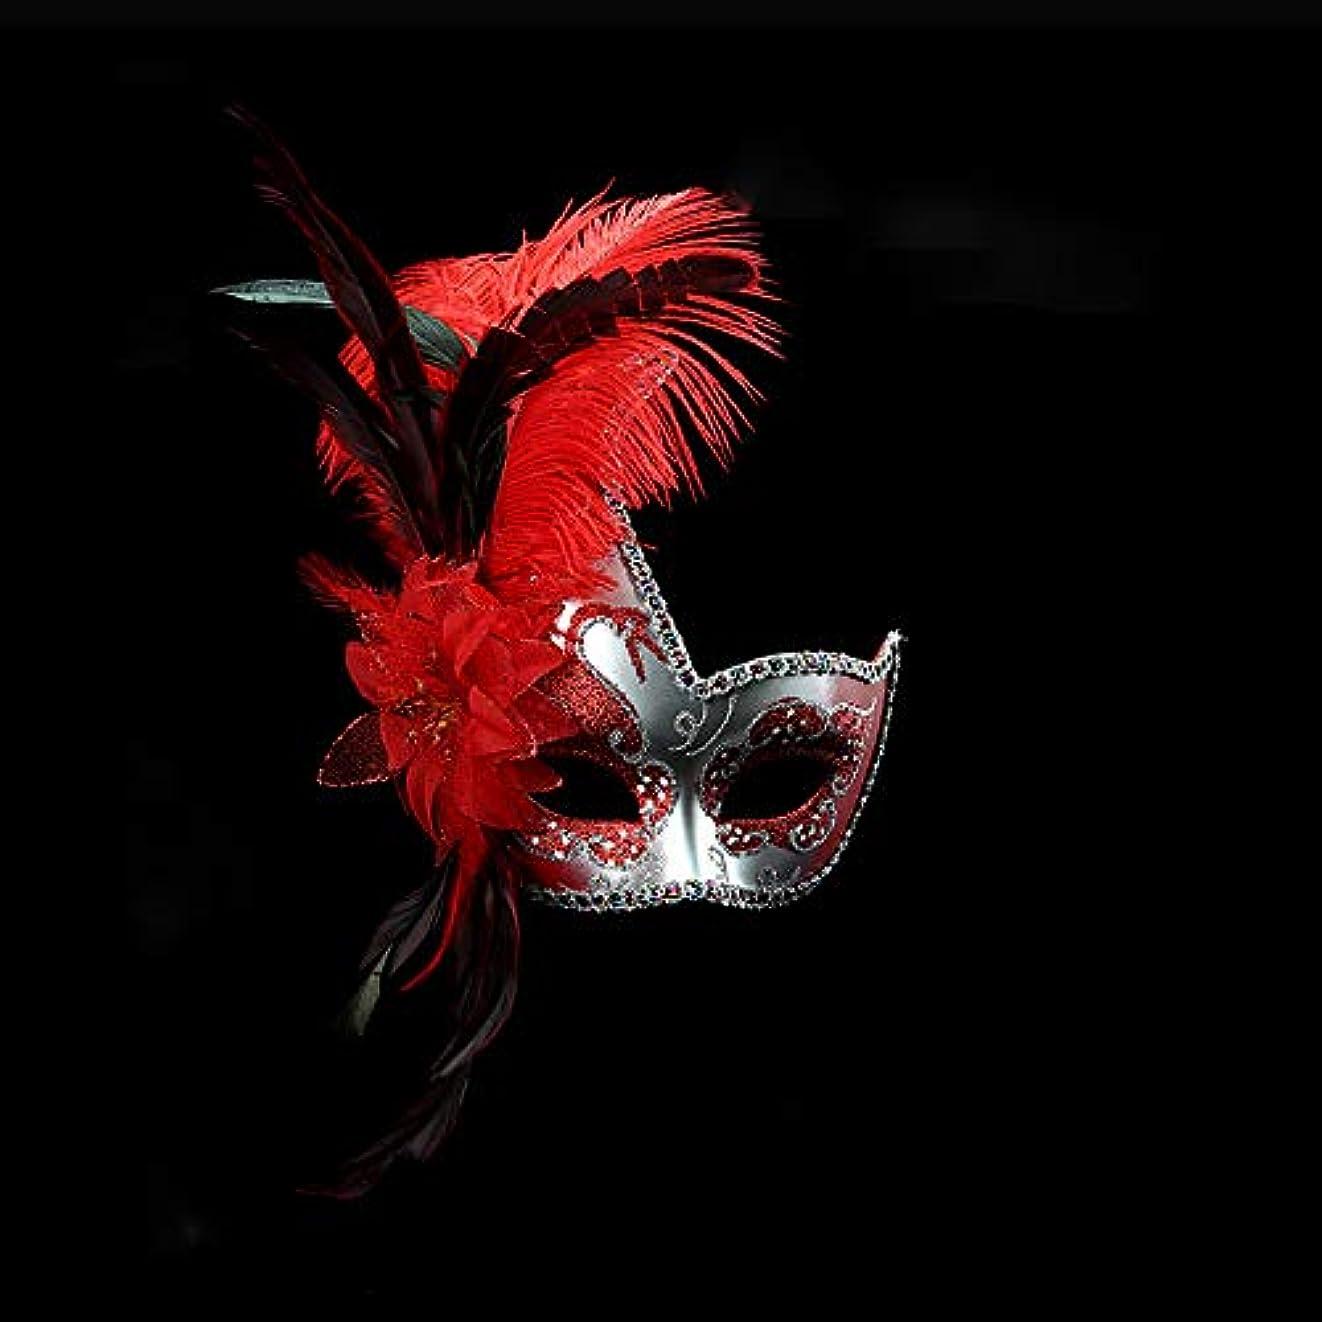 和解するメアリアンジョーンズNanle ハロウィンマスクハーフフェザーマスクベニスプリンセスマスク美容レース仮面ライダーコスプレ (色 : Red)